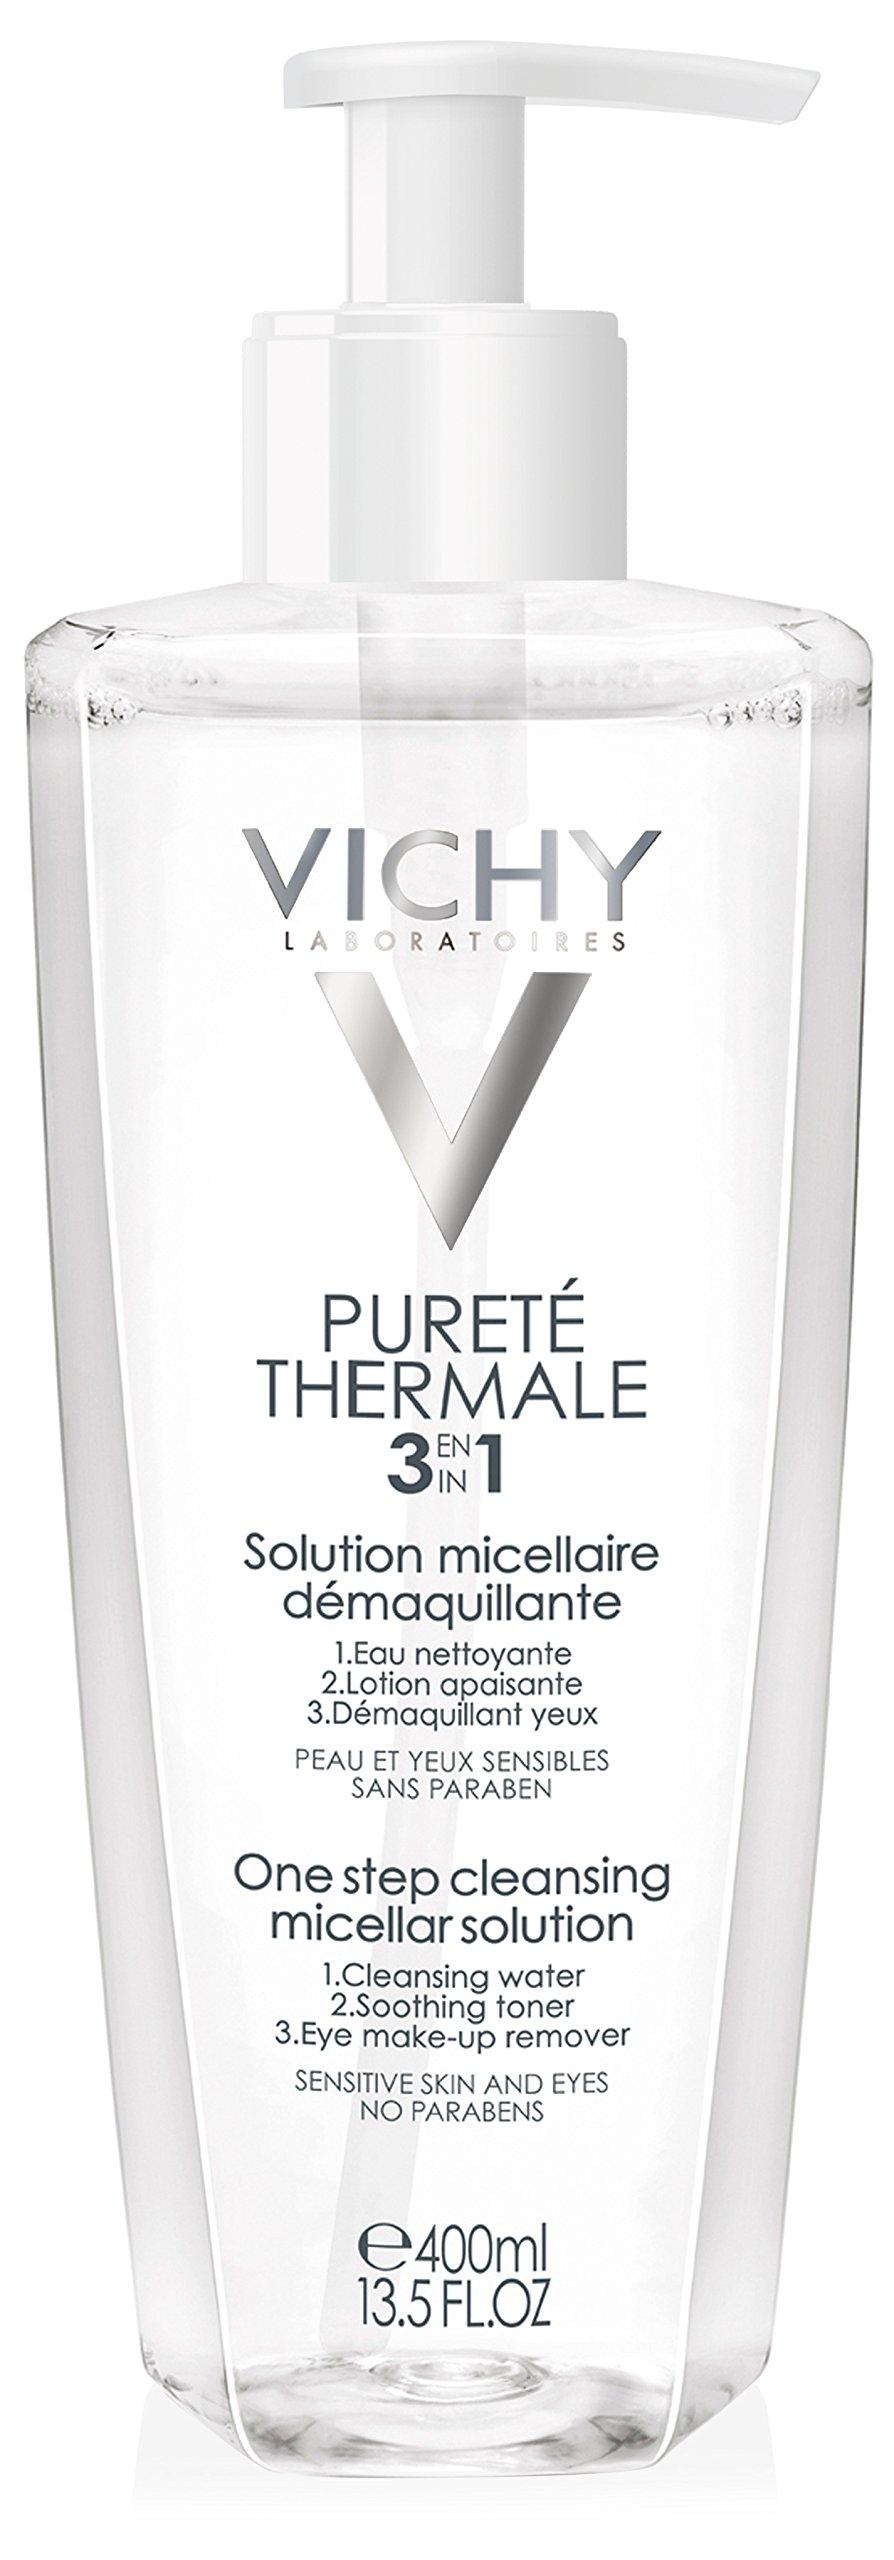 Vichy - Purete Thermale - Limpiador facial calmante micelar para mujer - 400 ml product image